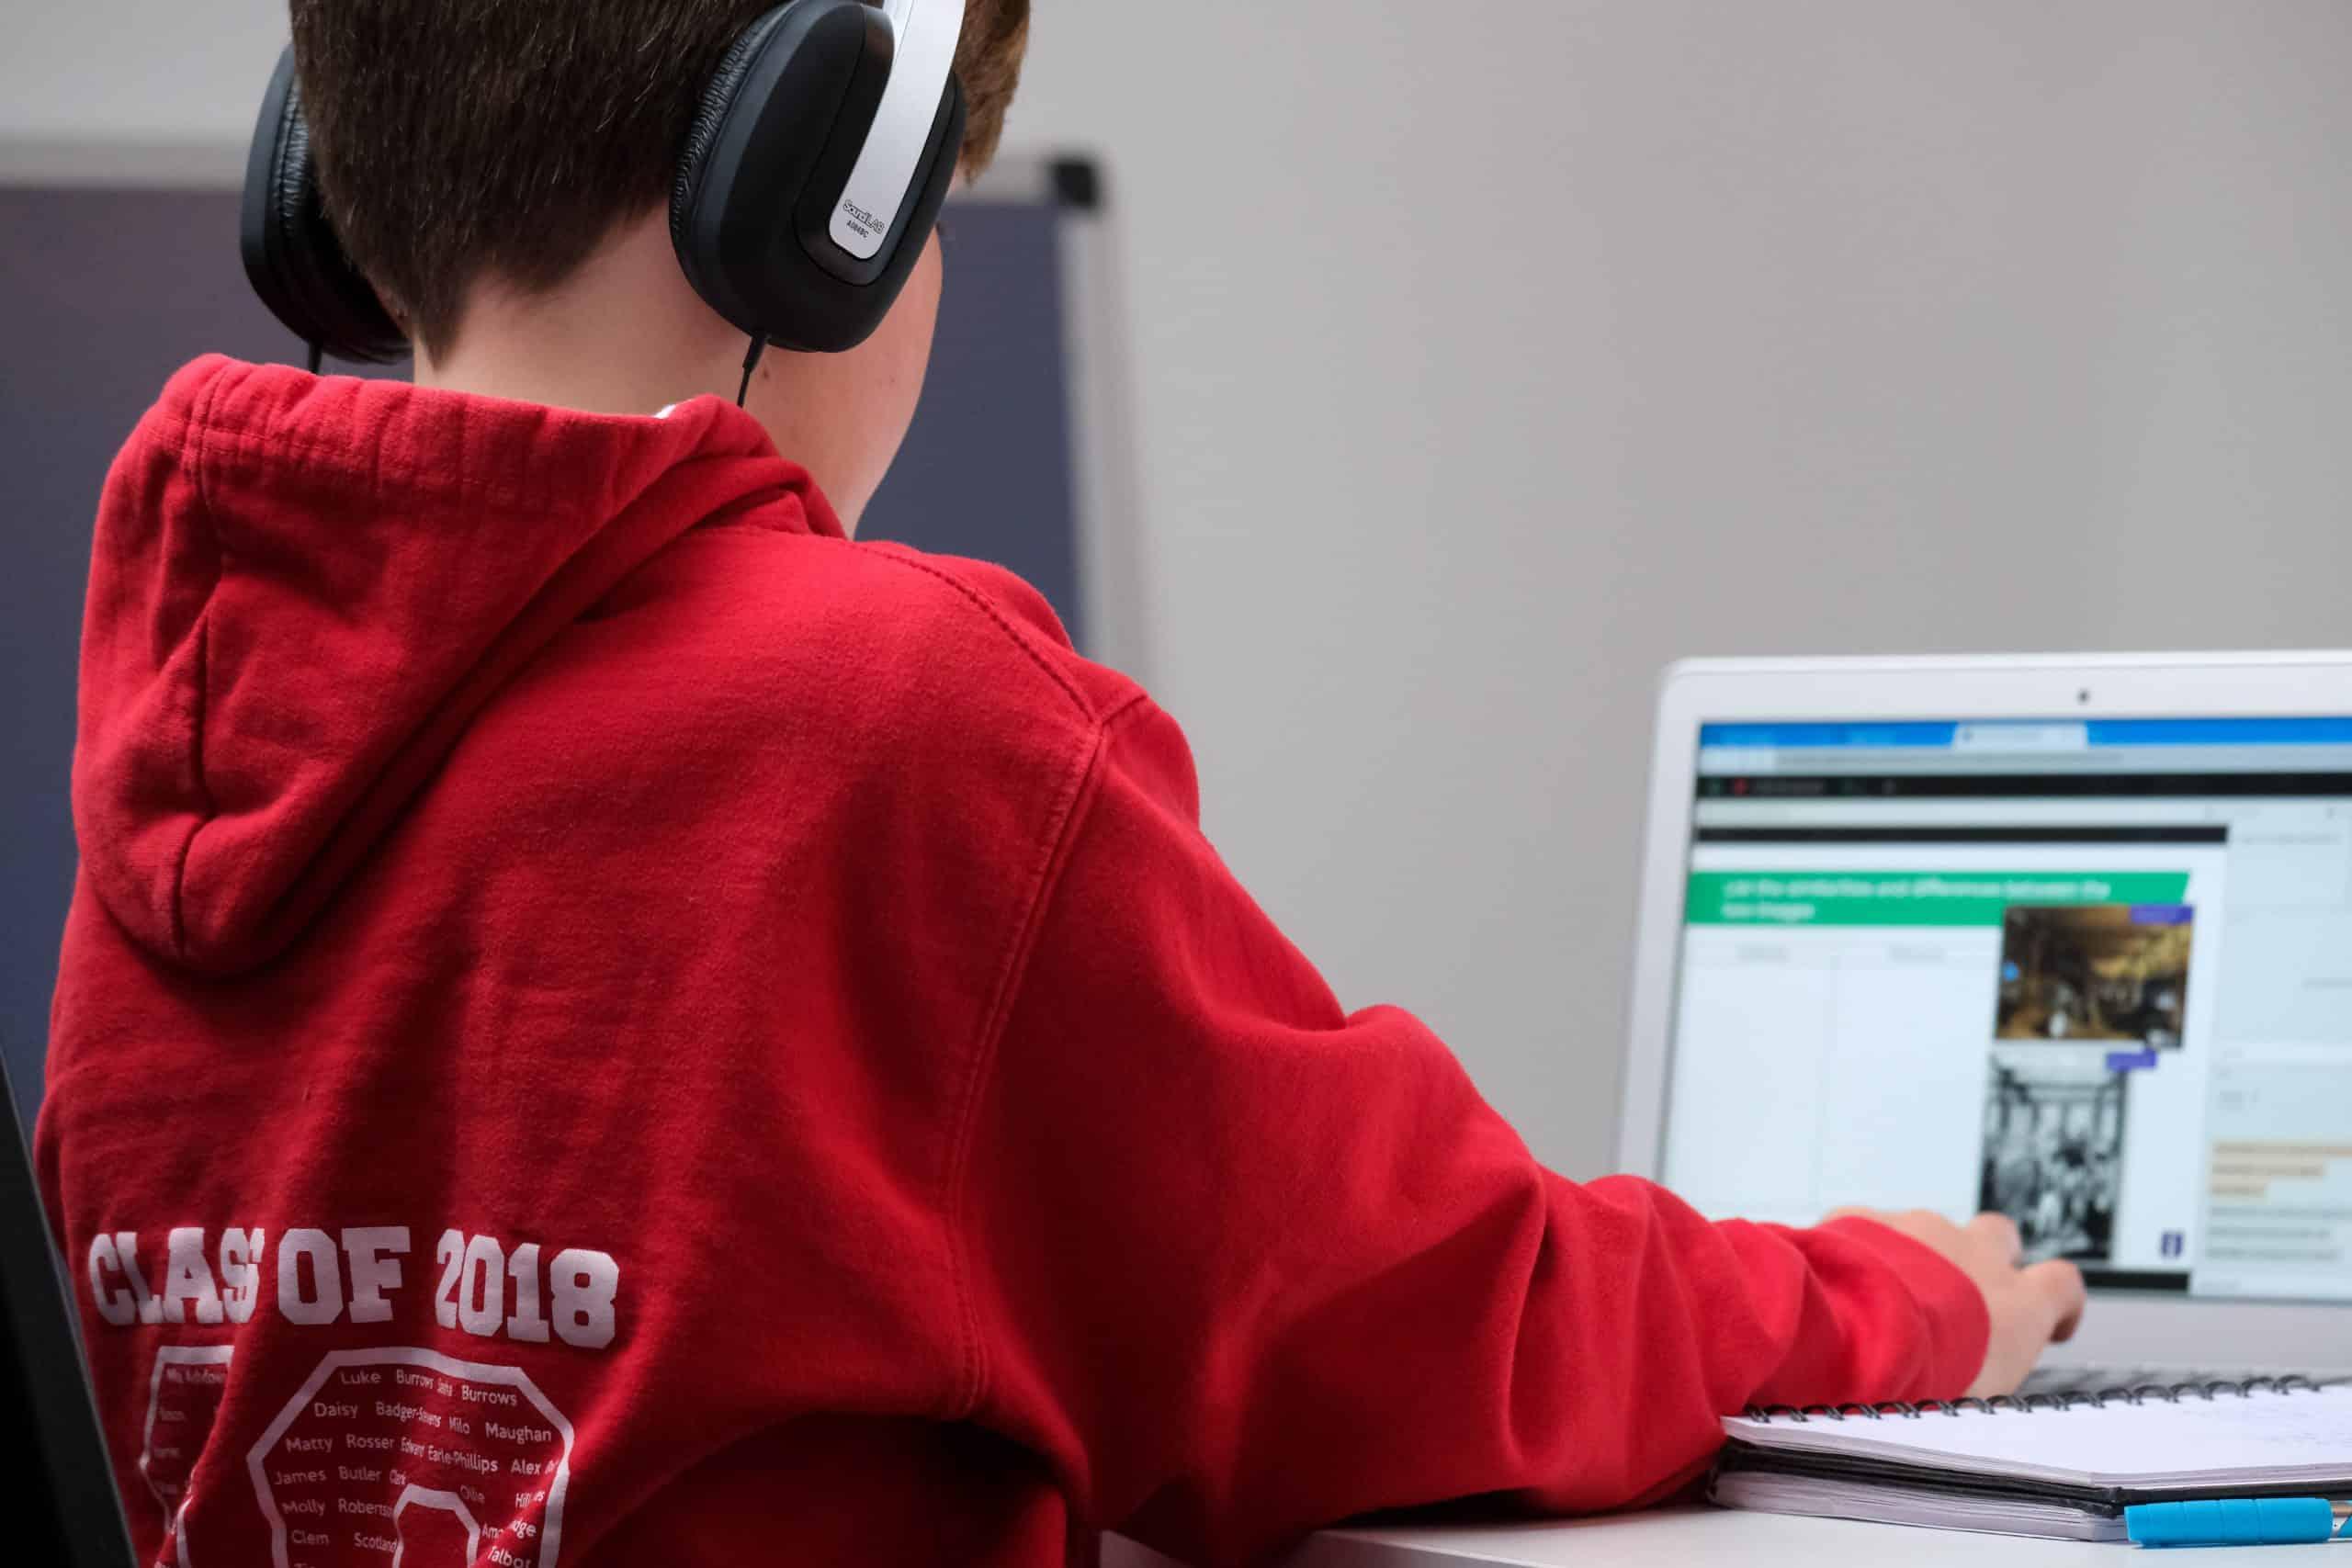 Un jeune élève utilise un ordinateur en classe, afin de faire des recherches ou préparer des exposés.